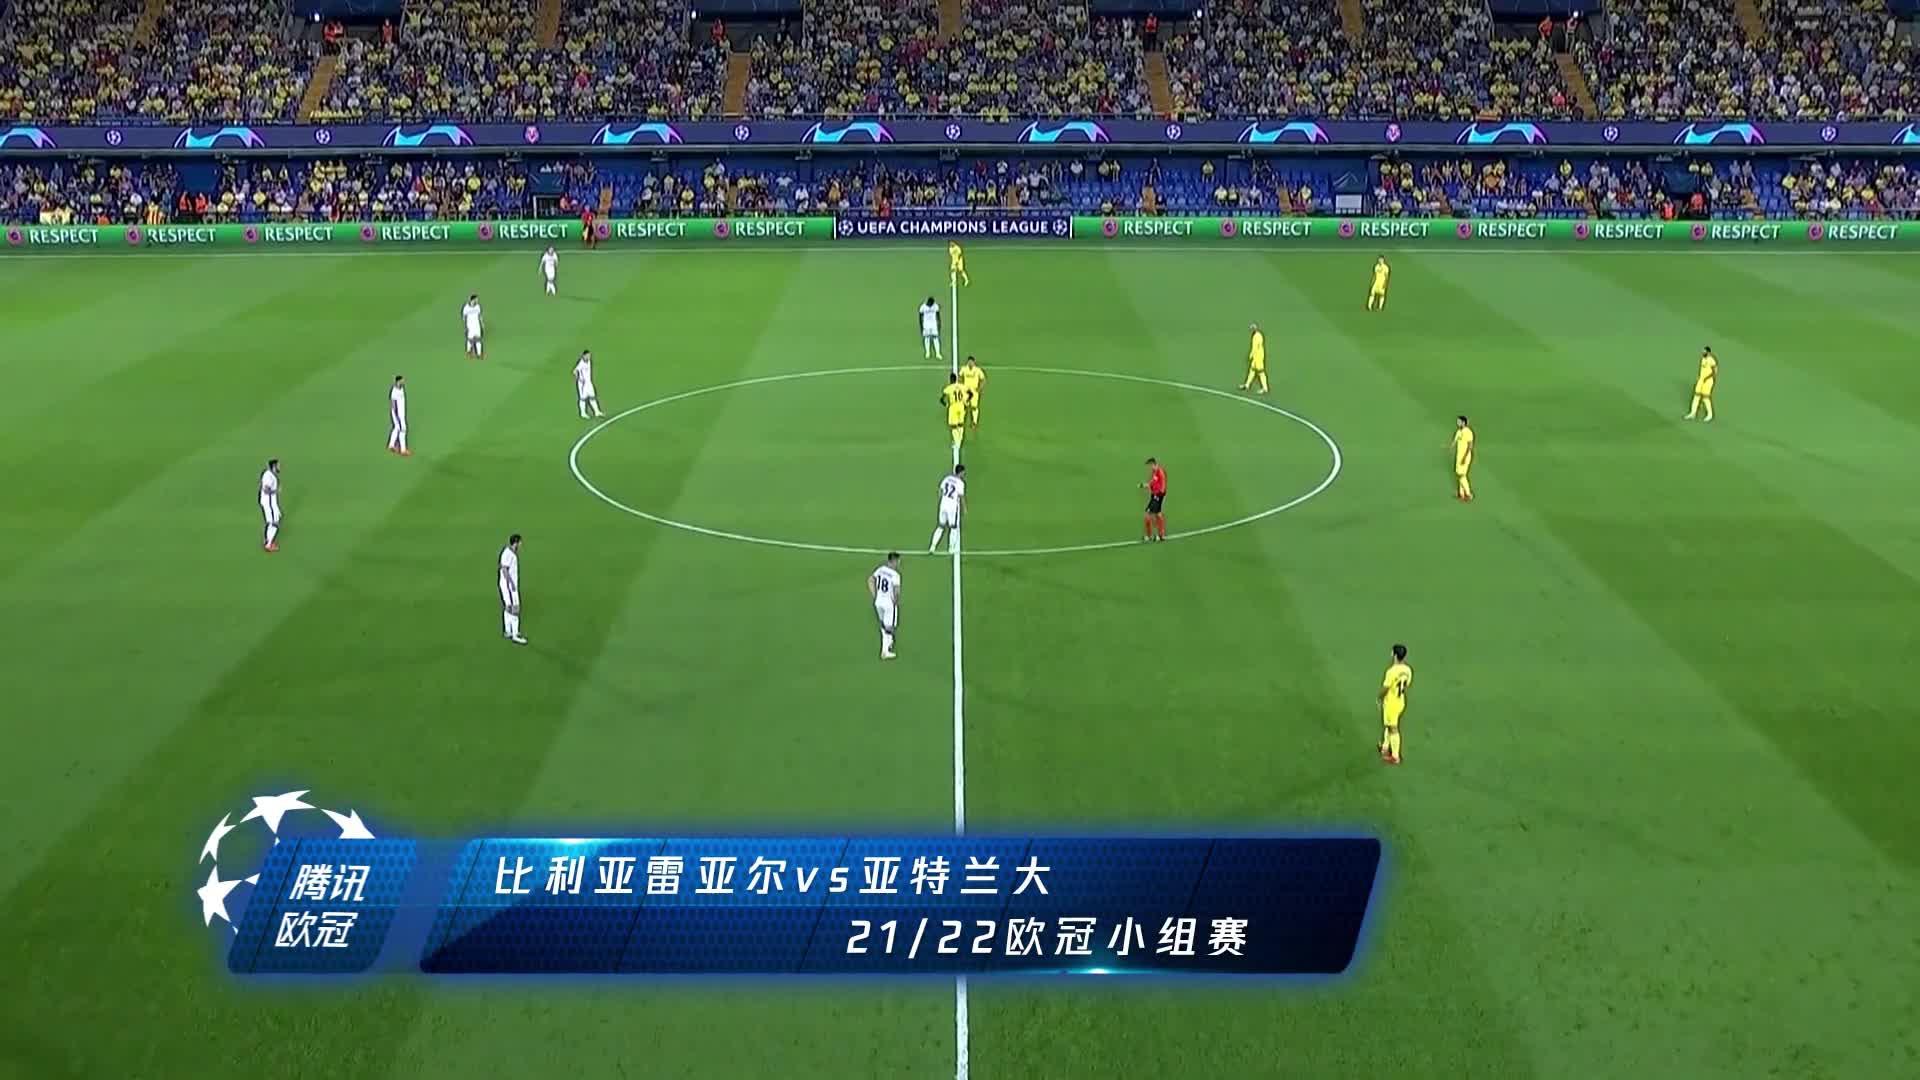 【集锦】欧冠-戈森斯破门救主 比利亚雷亚尔2-2亚特兰大